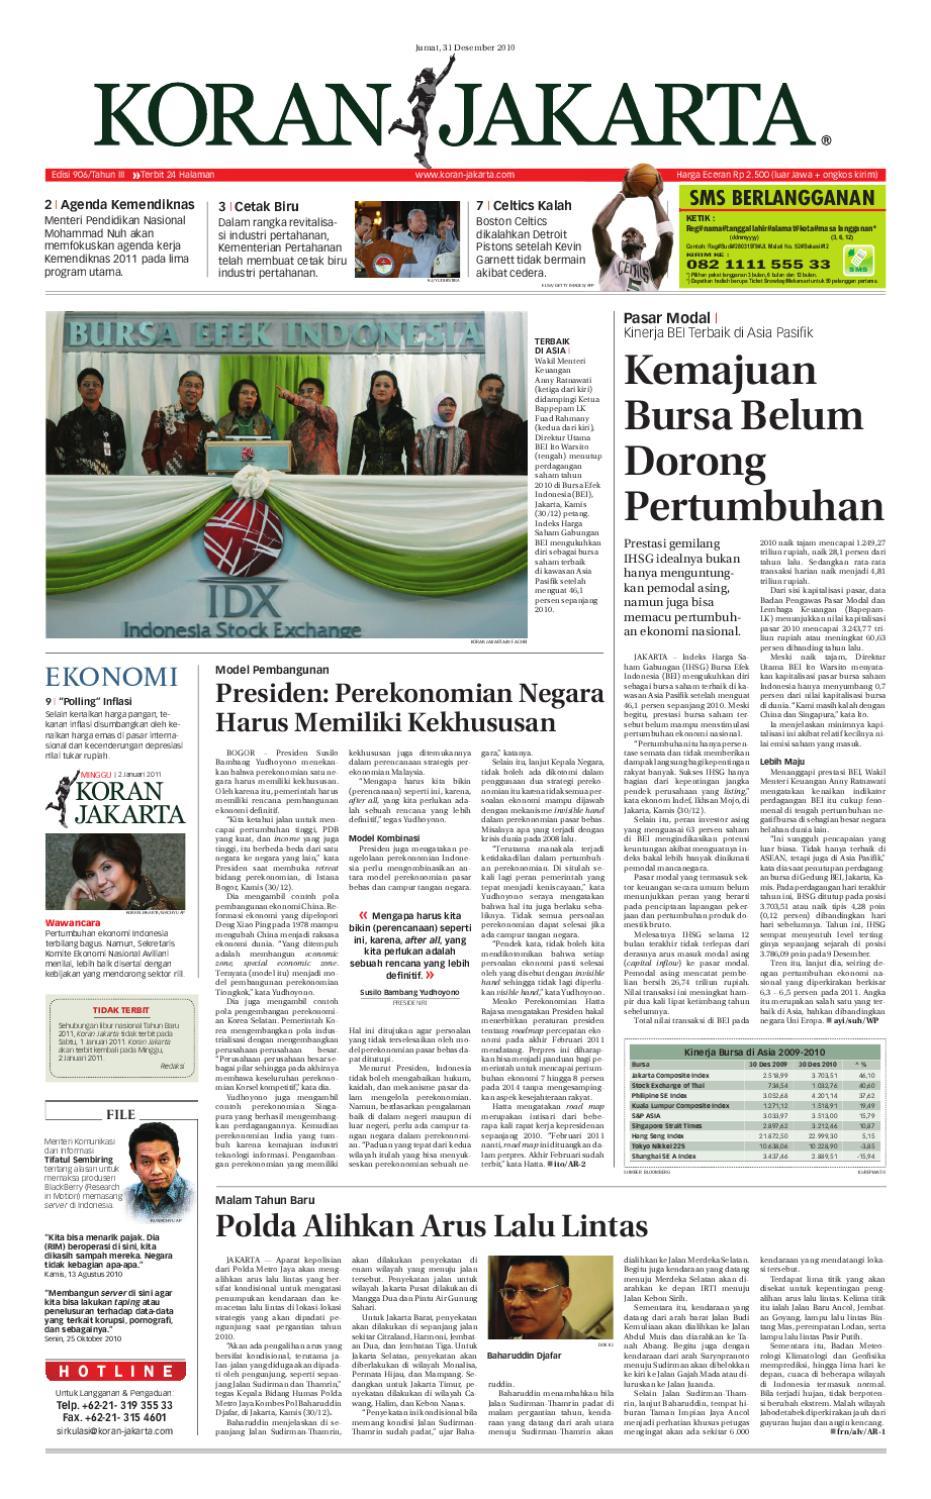 edisi 906 31 desember 2010 by pt berita nusantara issuu309 Luar Biasa,transformasi Wanita Jelek Karena Jatuh Cinta #6